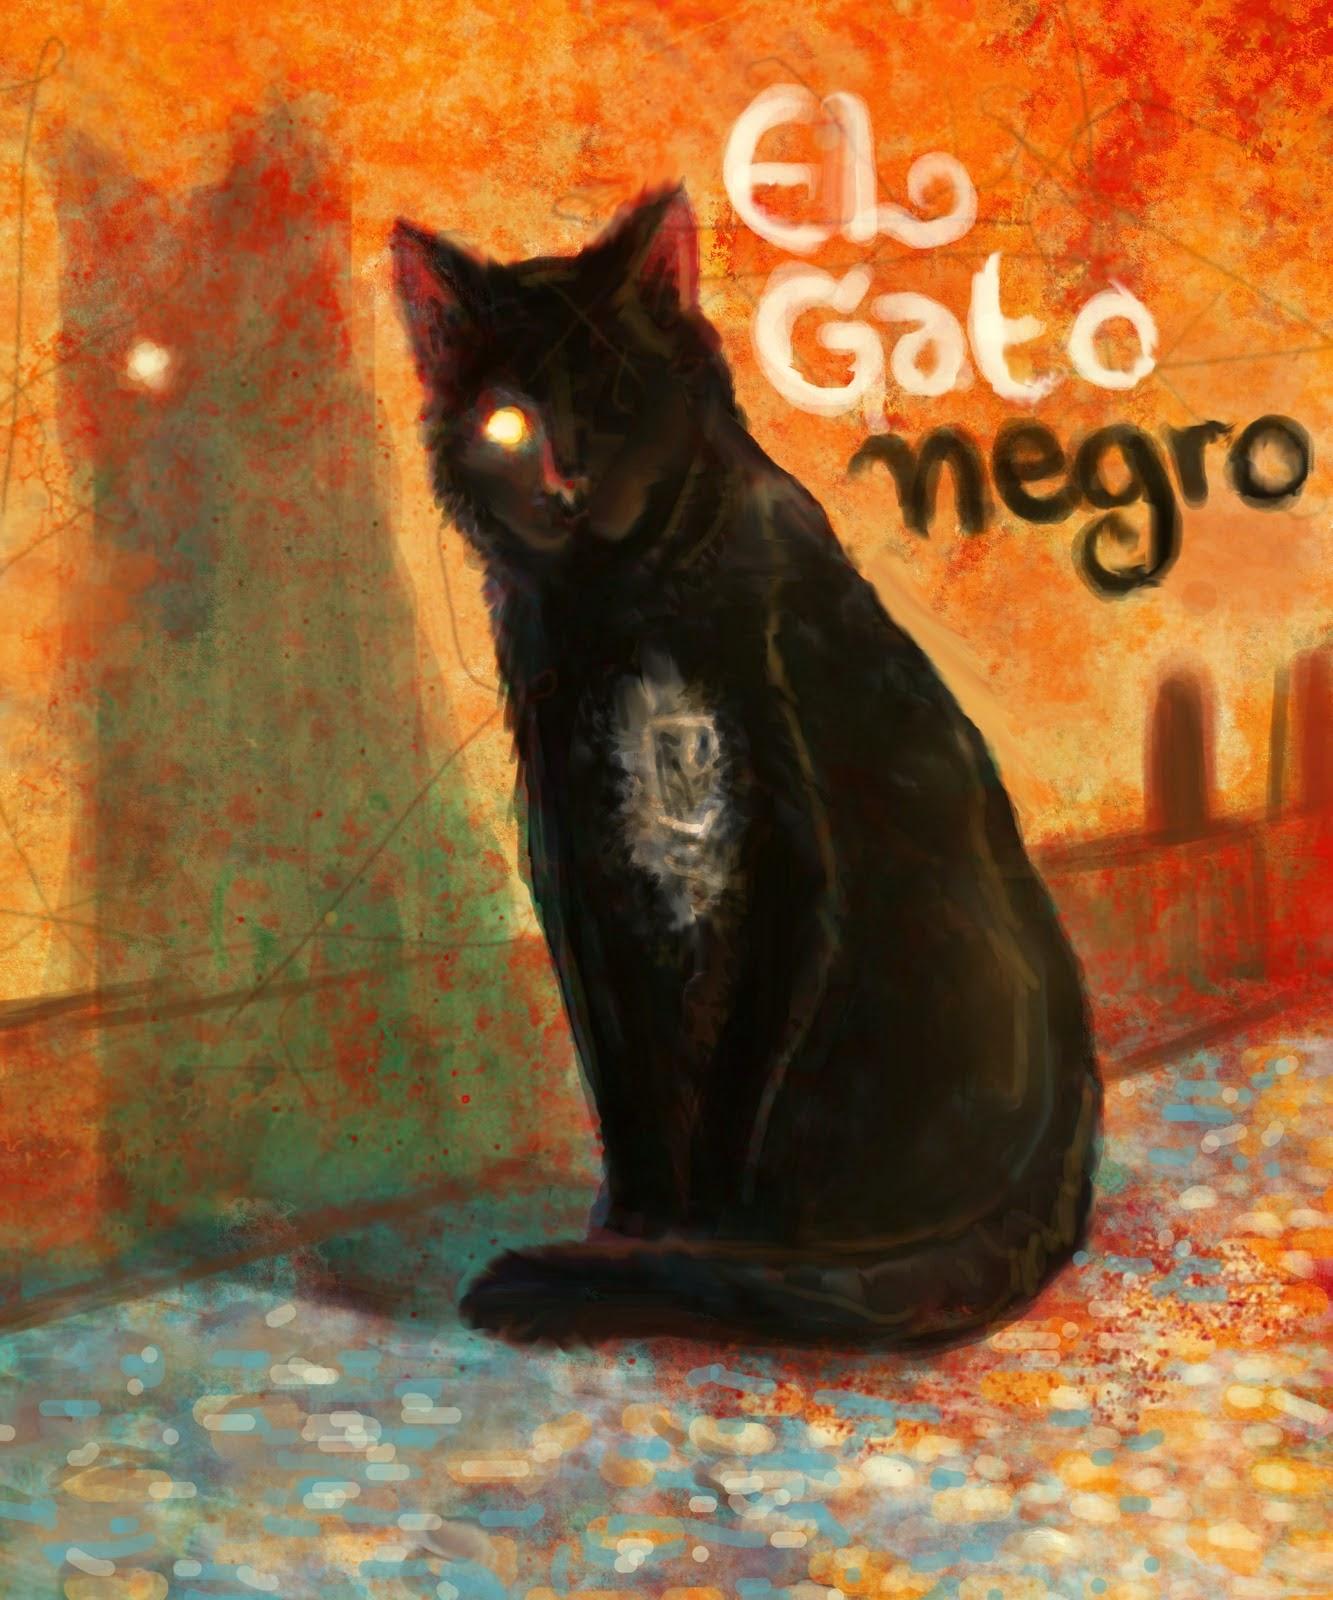 El gato negro edgar allan poe sexto sentido - Disfraces el gato negro ...